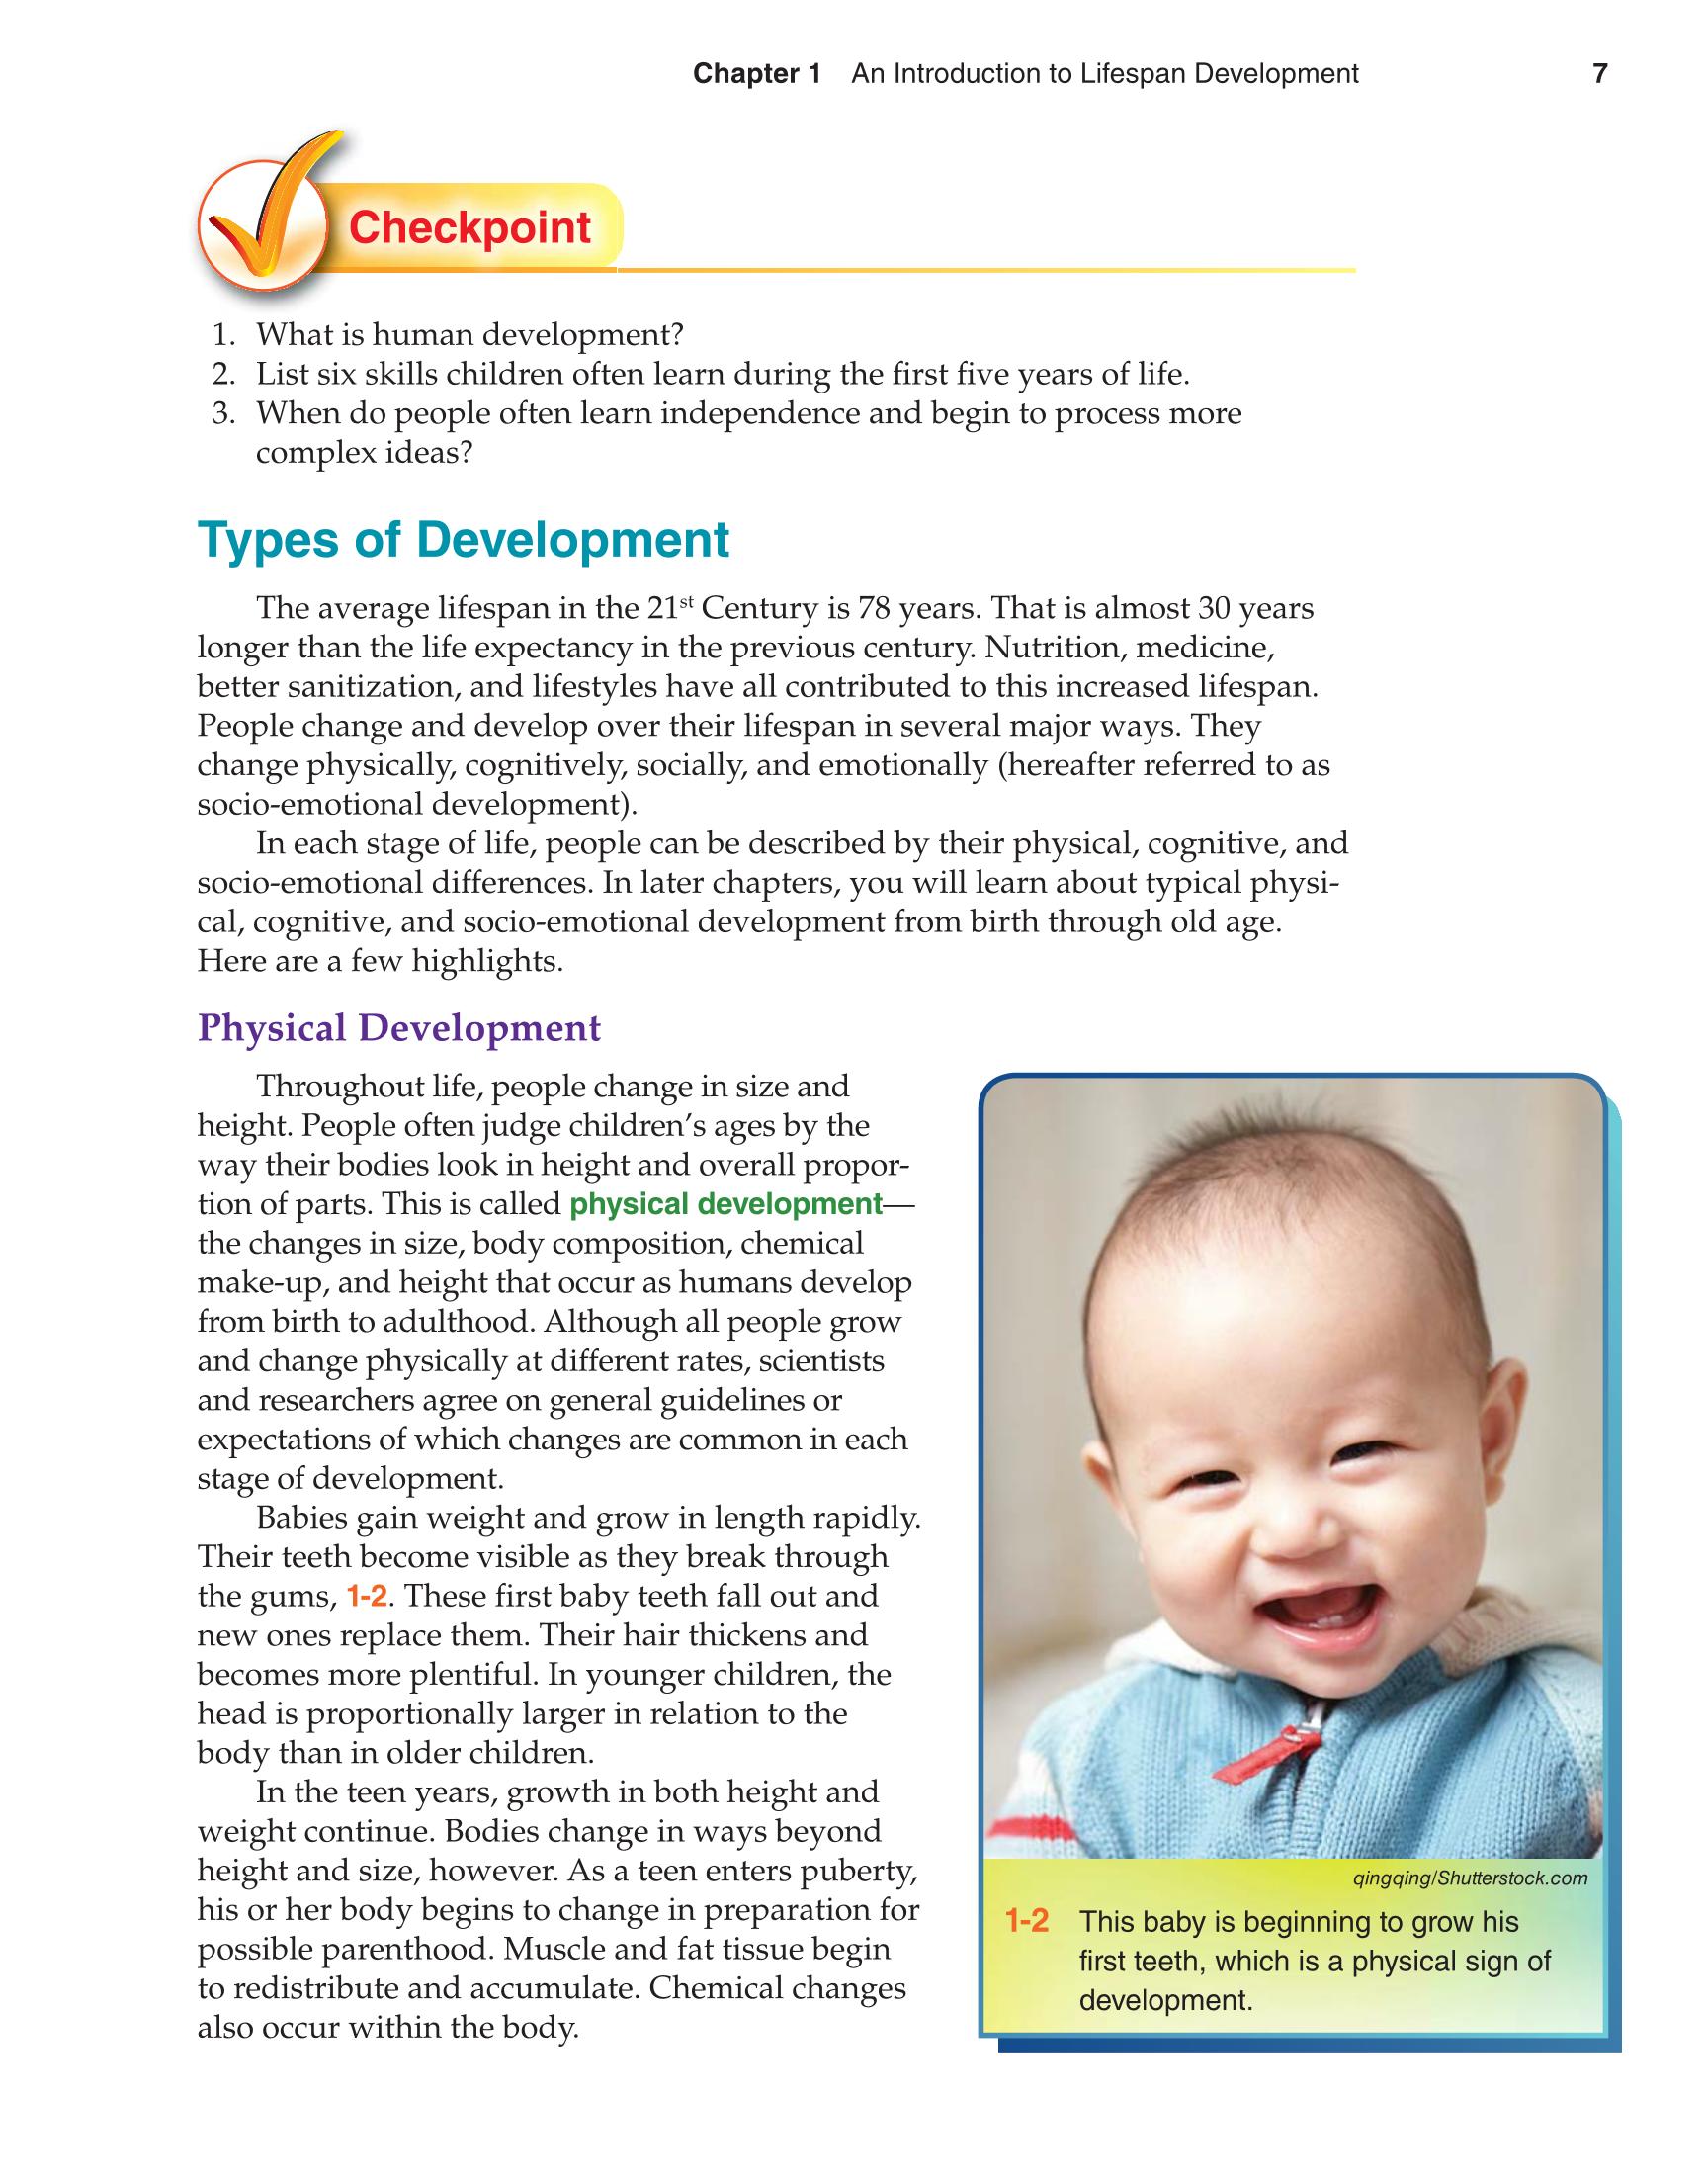 lifespan studies cognitive language social and Quizlet provides lifespan development psychology activities cognitive, social/emotional de a branch of psychology that studies physical, cognitive.